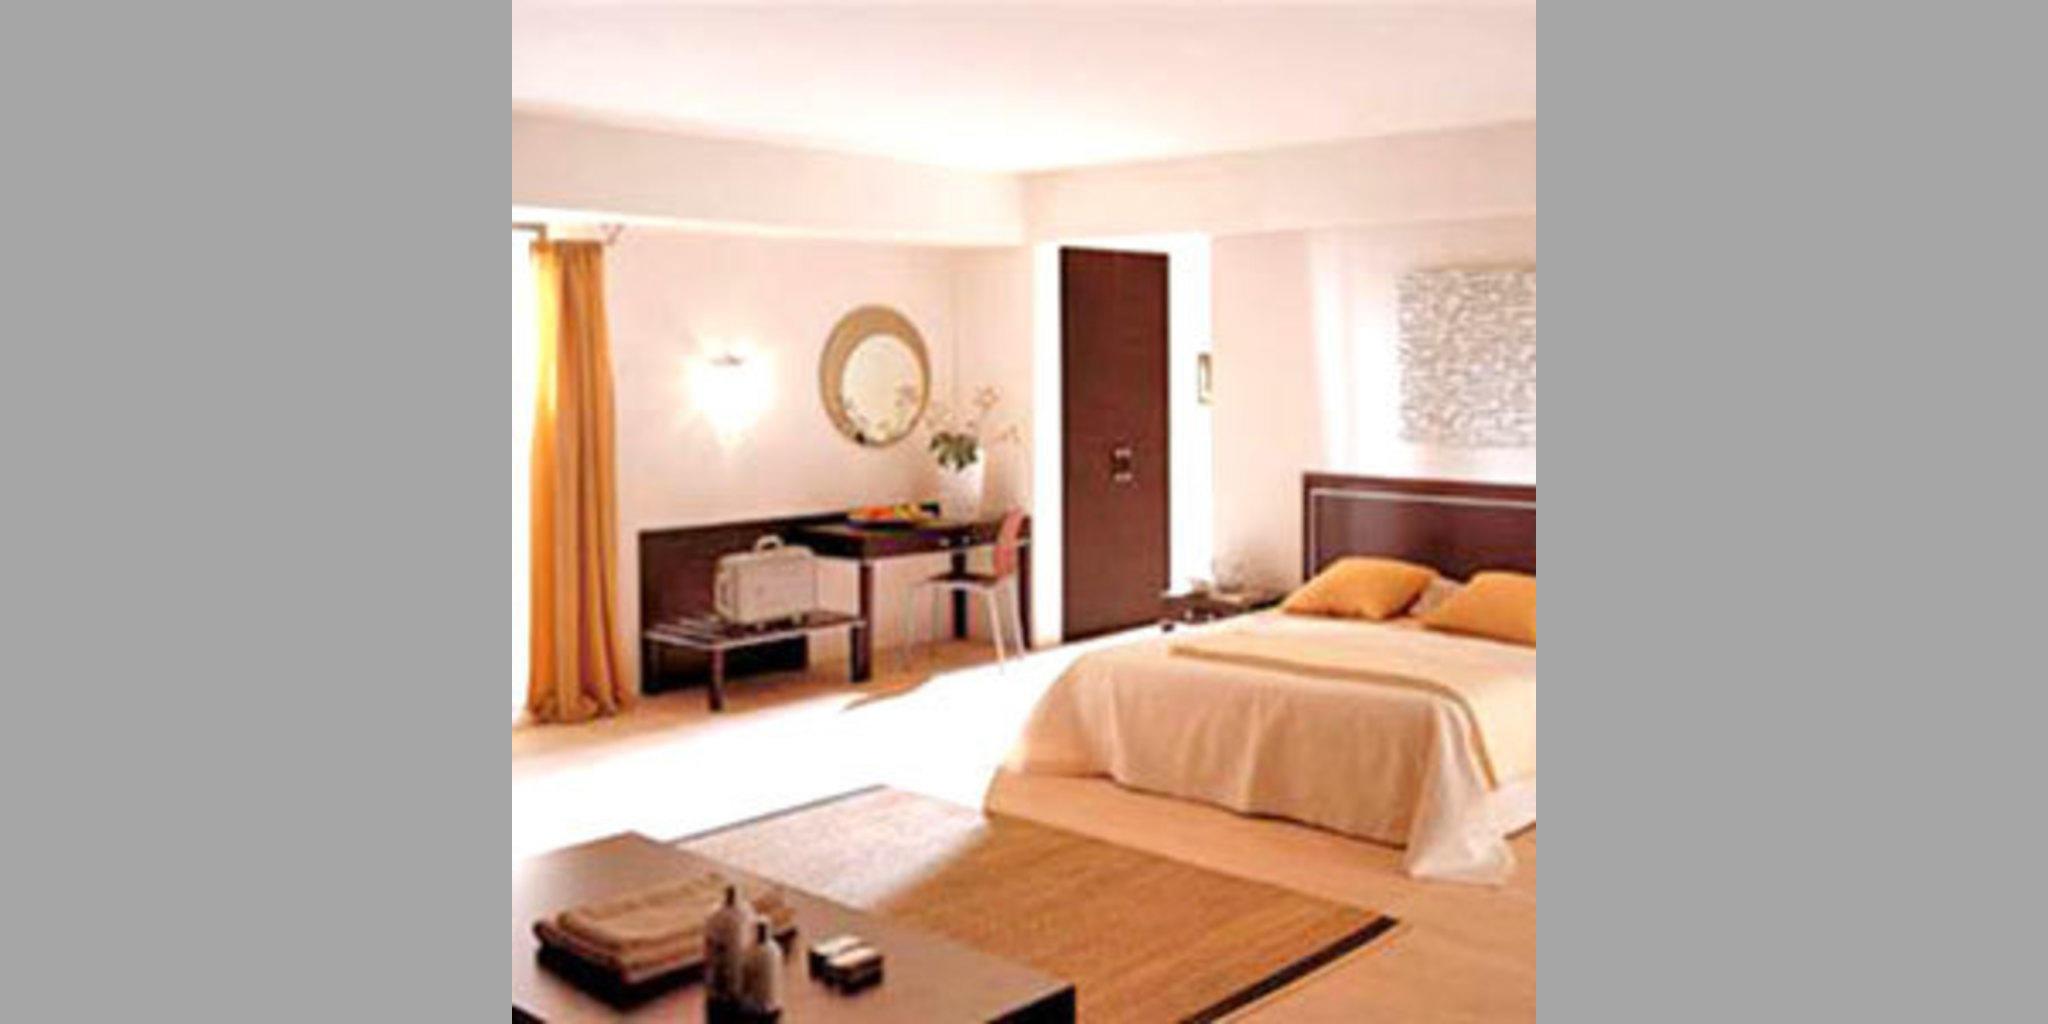 Bed & Breakfast Azzano San Paolo - Azzano_Isonzo